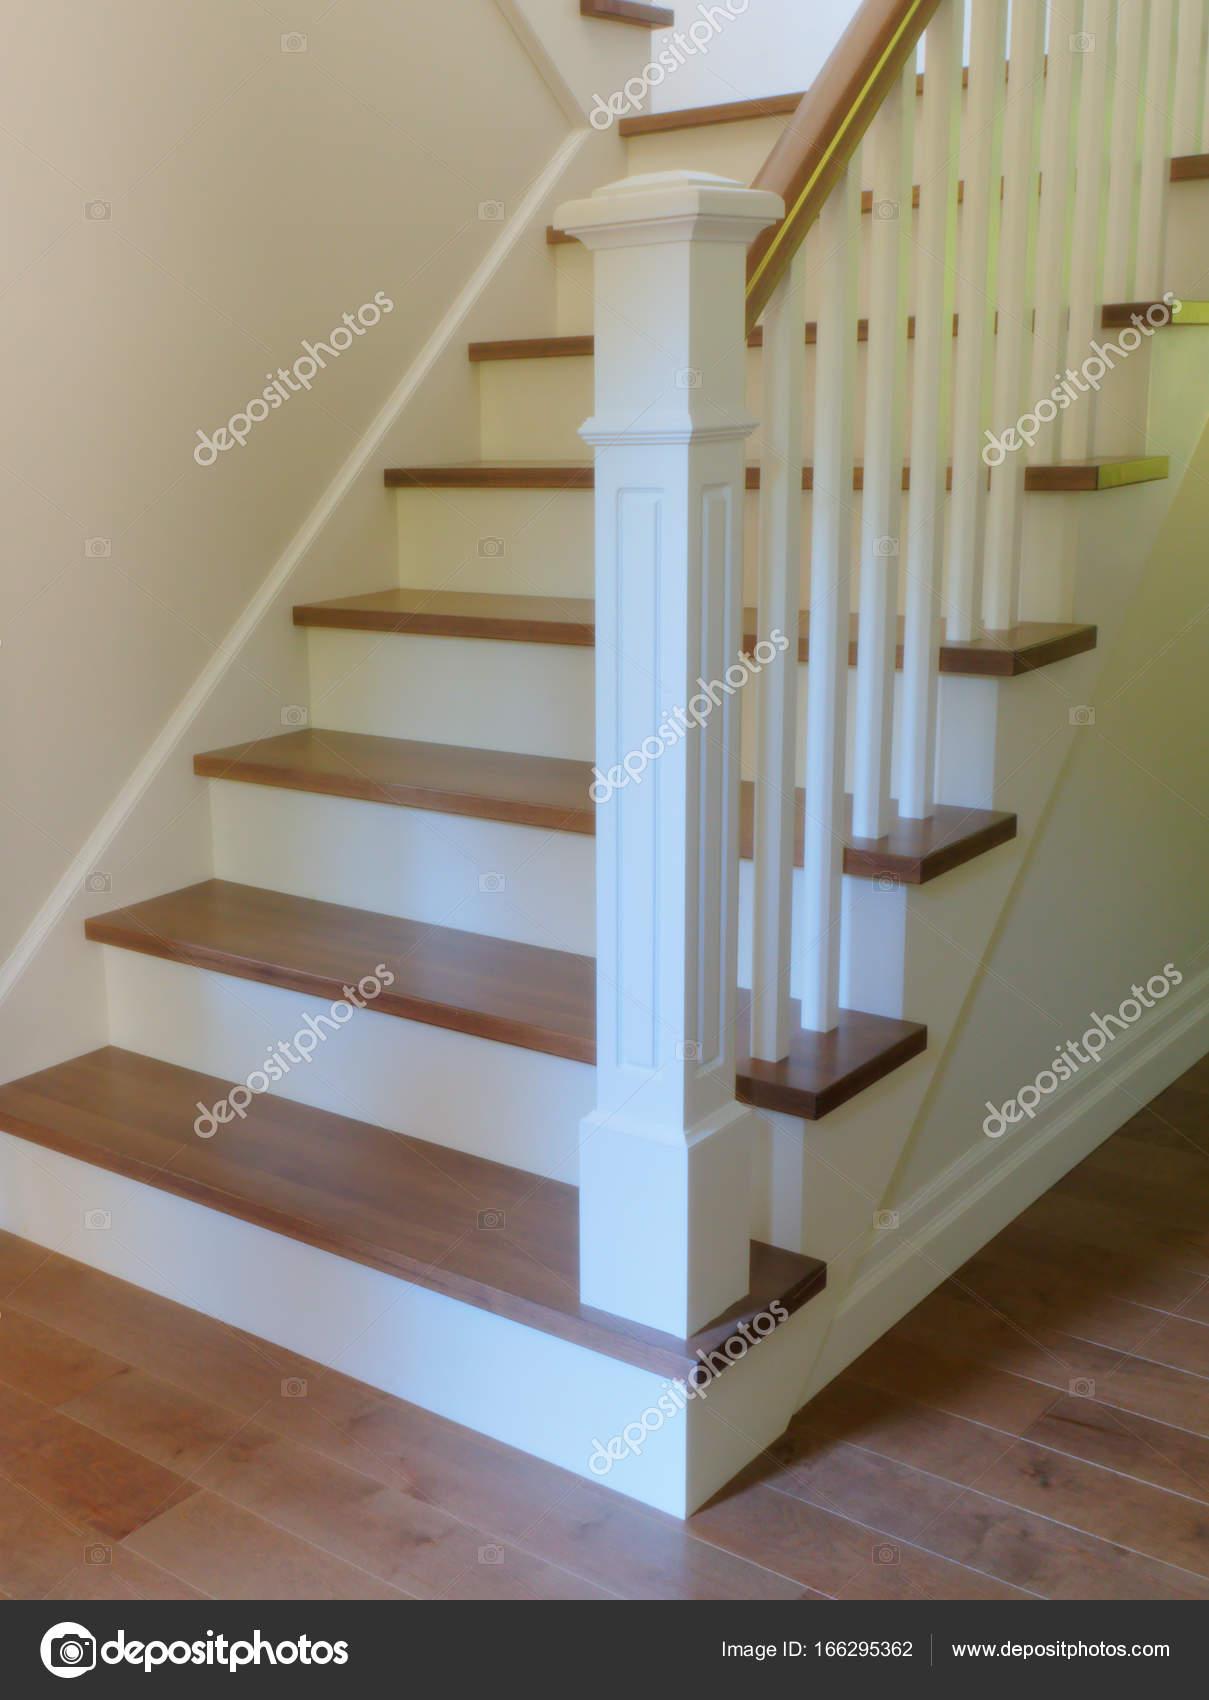 Fotos dise os de escaleras interiores medidas madera de - Diseno de escaleras interiores ...